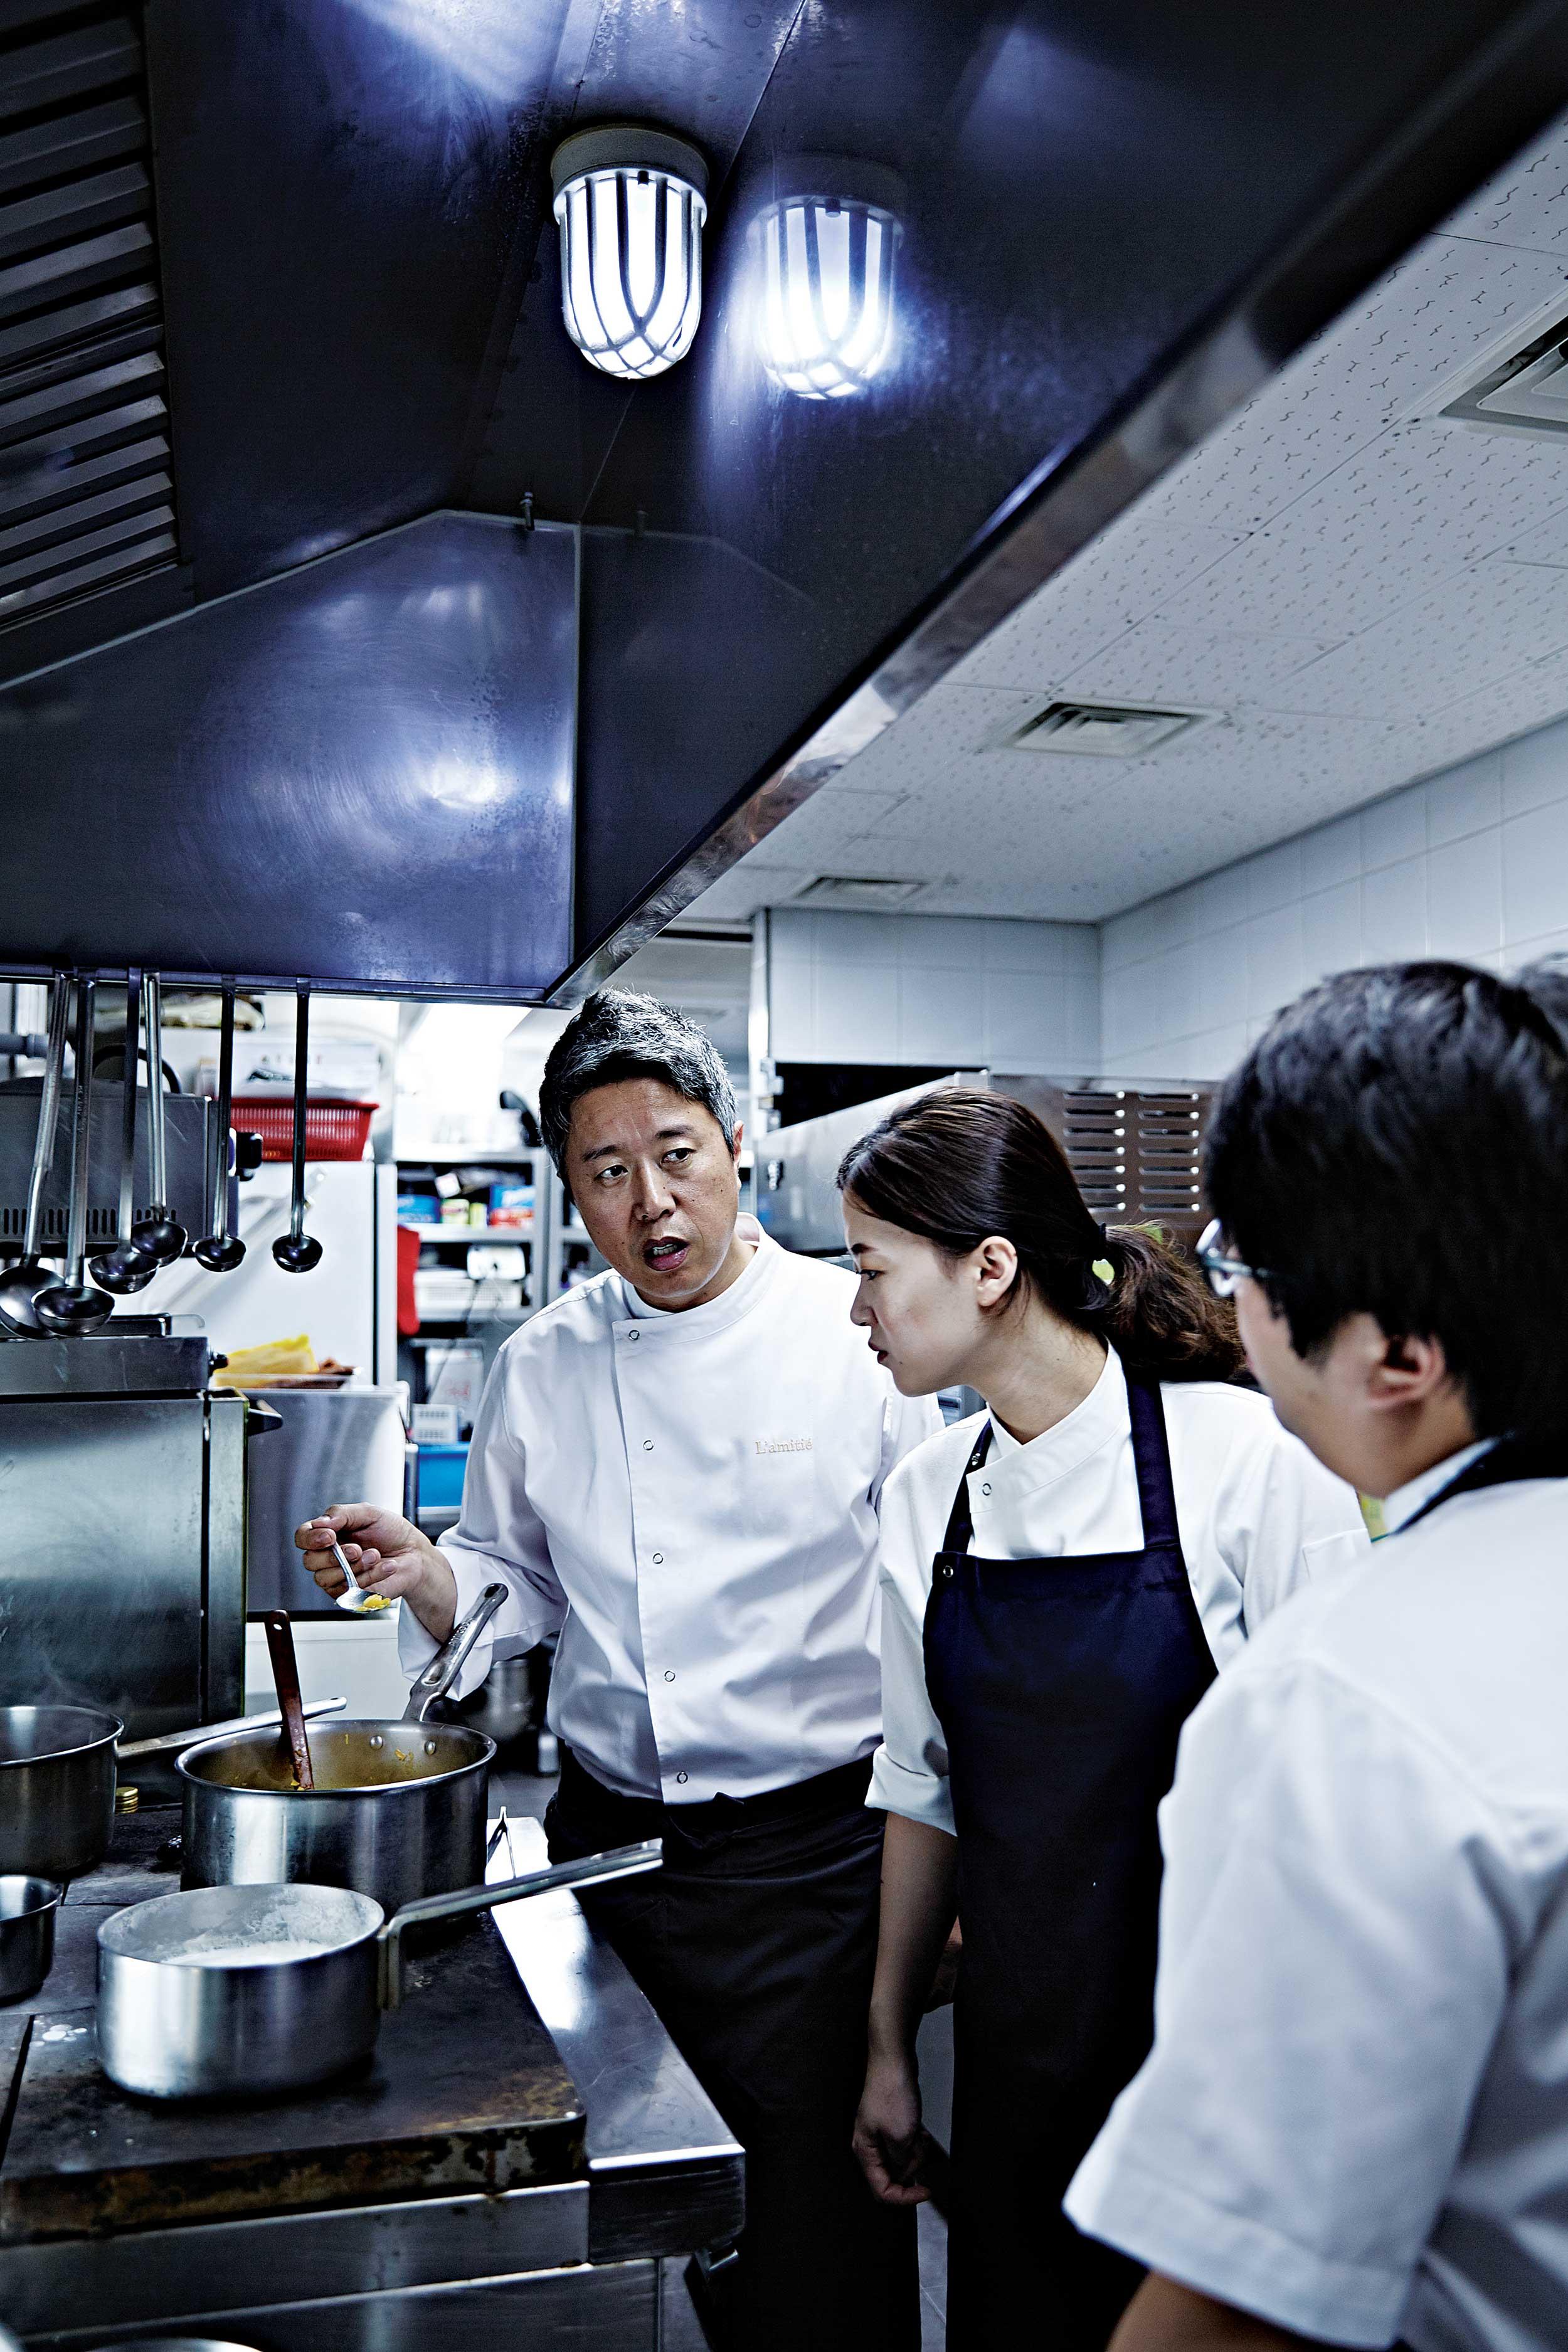 장명식 셰프가 유정현 수 셰프와 김주리 스태프에게 조리법을 설명하고 있다. © 심윤석, 정지원